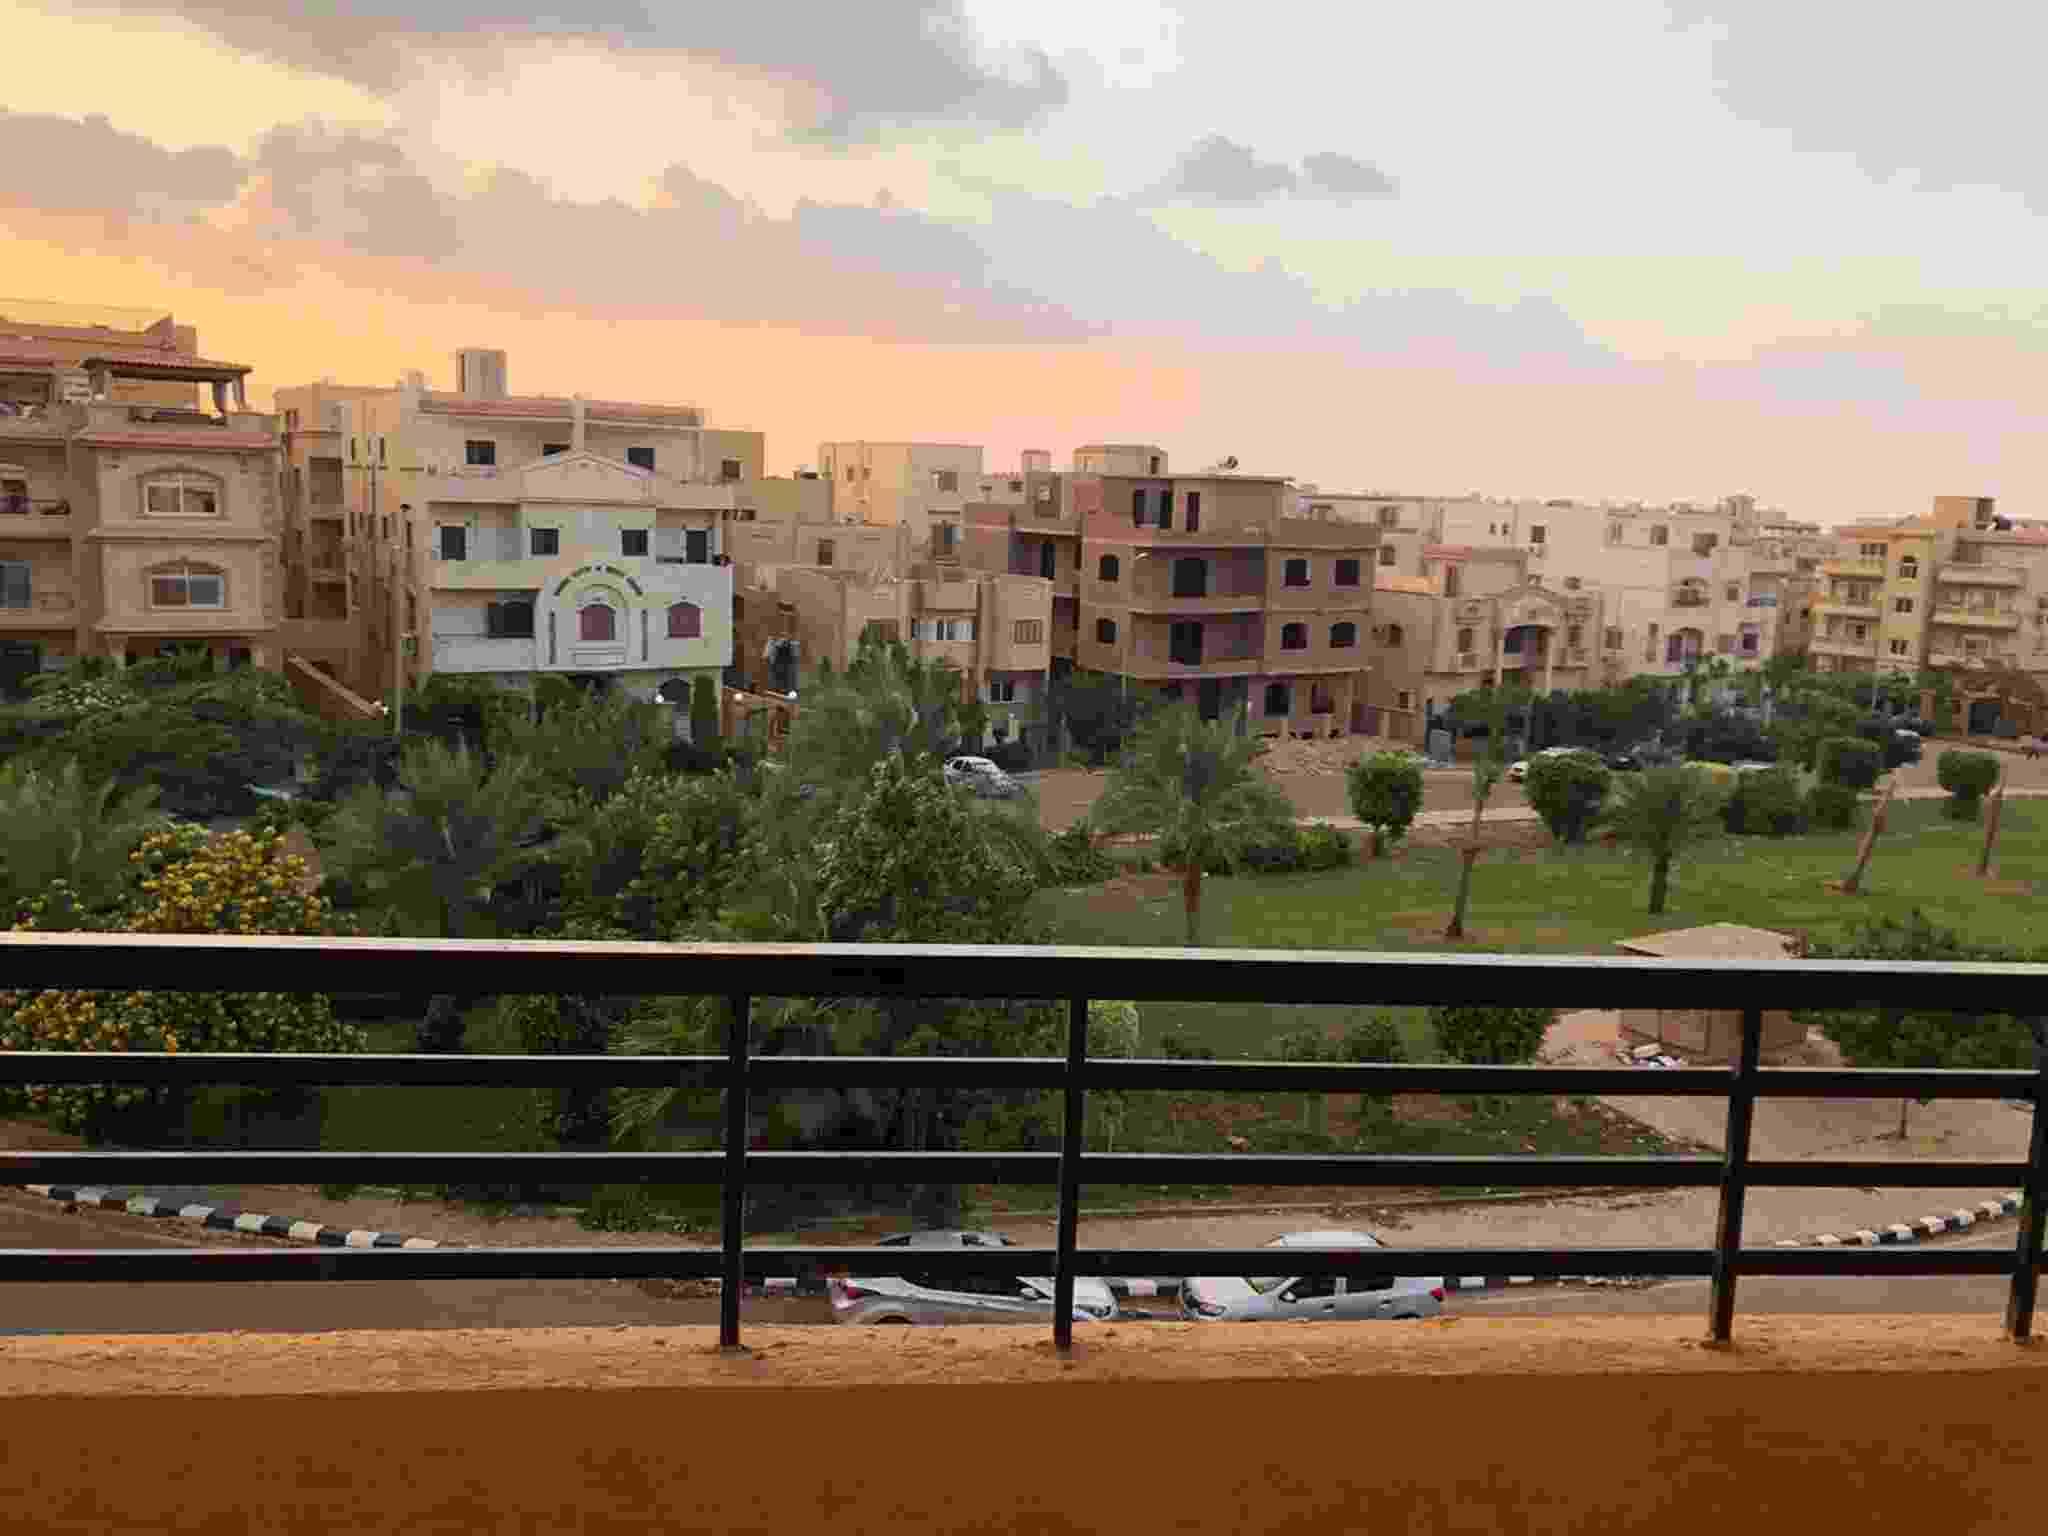 اسكن في أفضل الأحياء الهادئة في القاهرة مدونة عقارماب